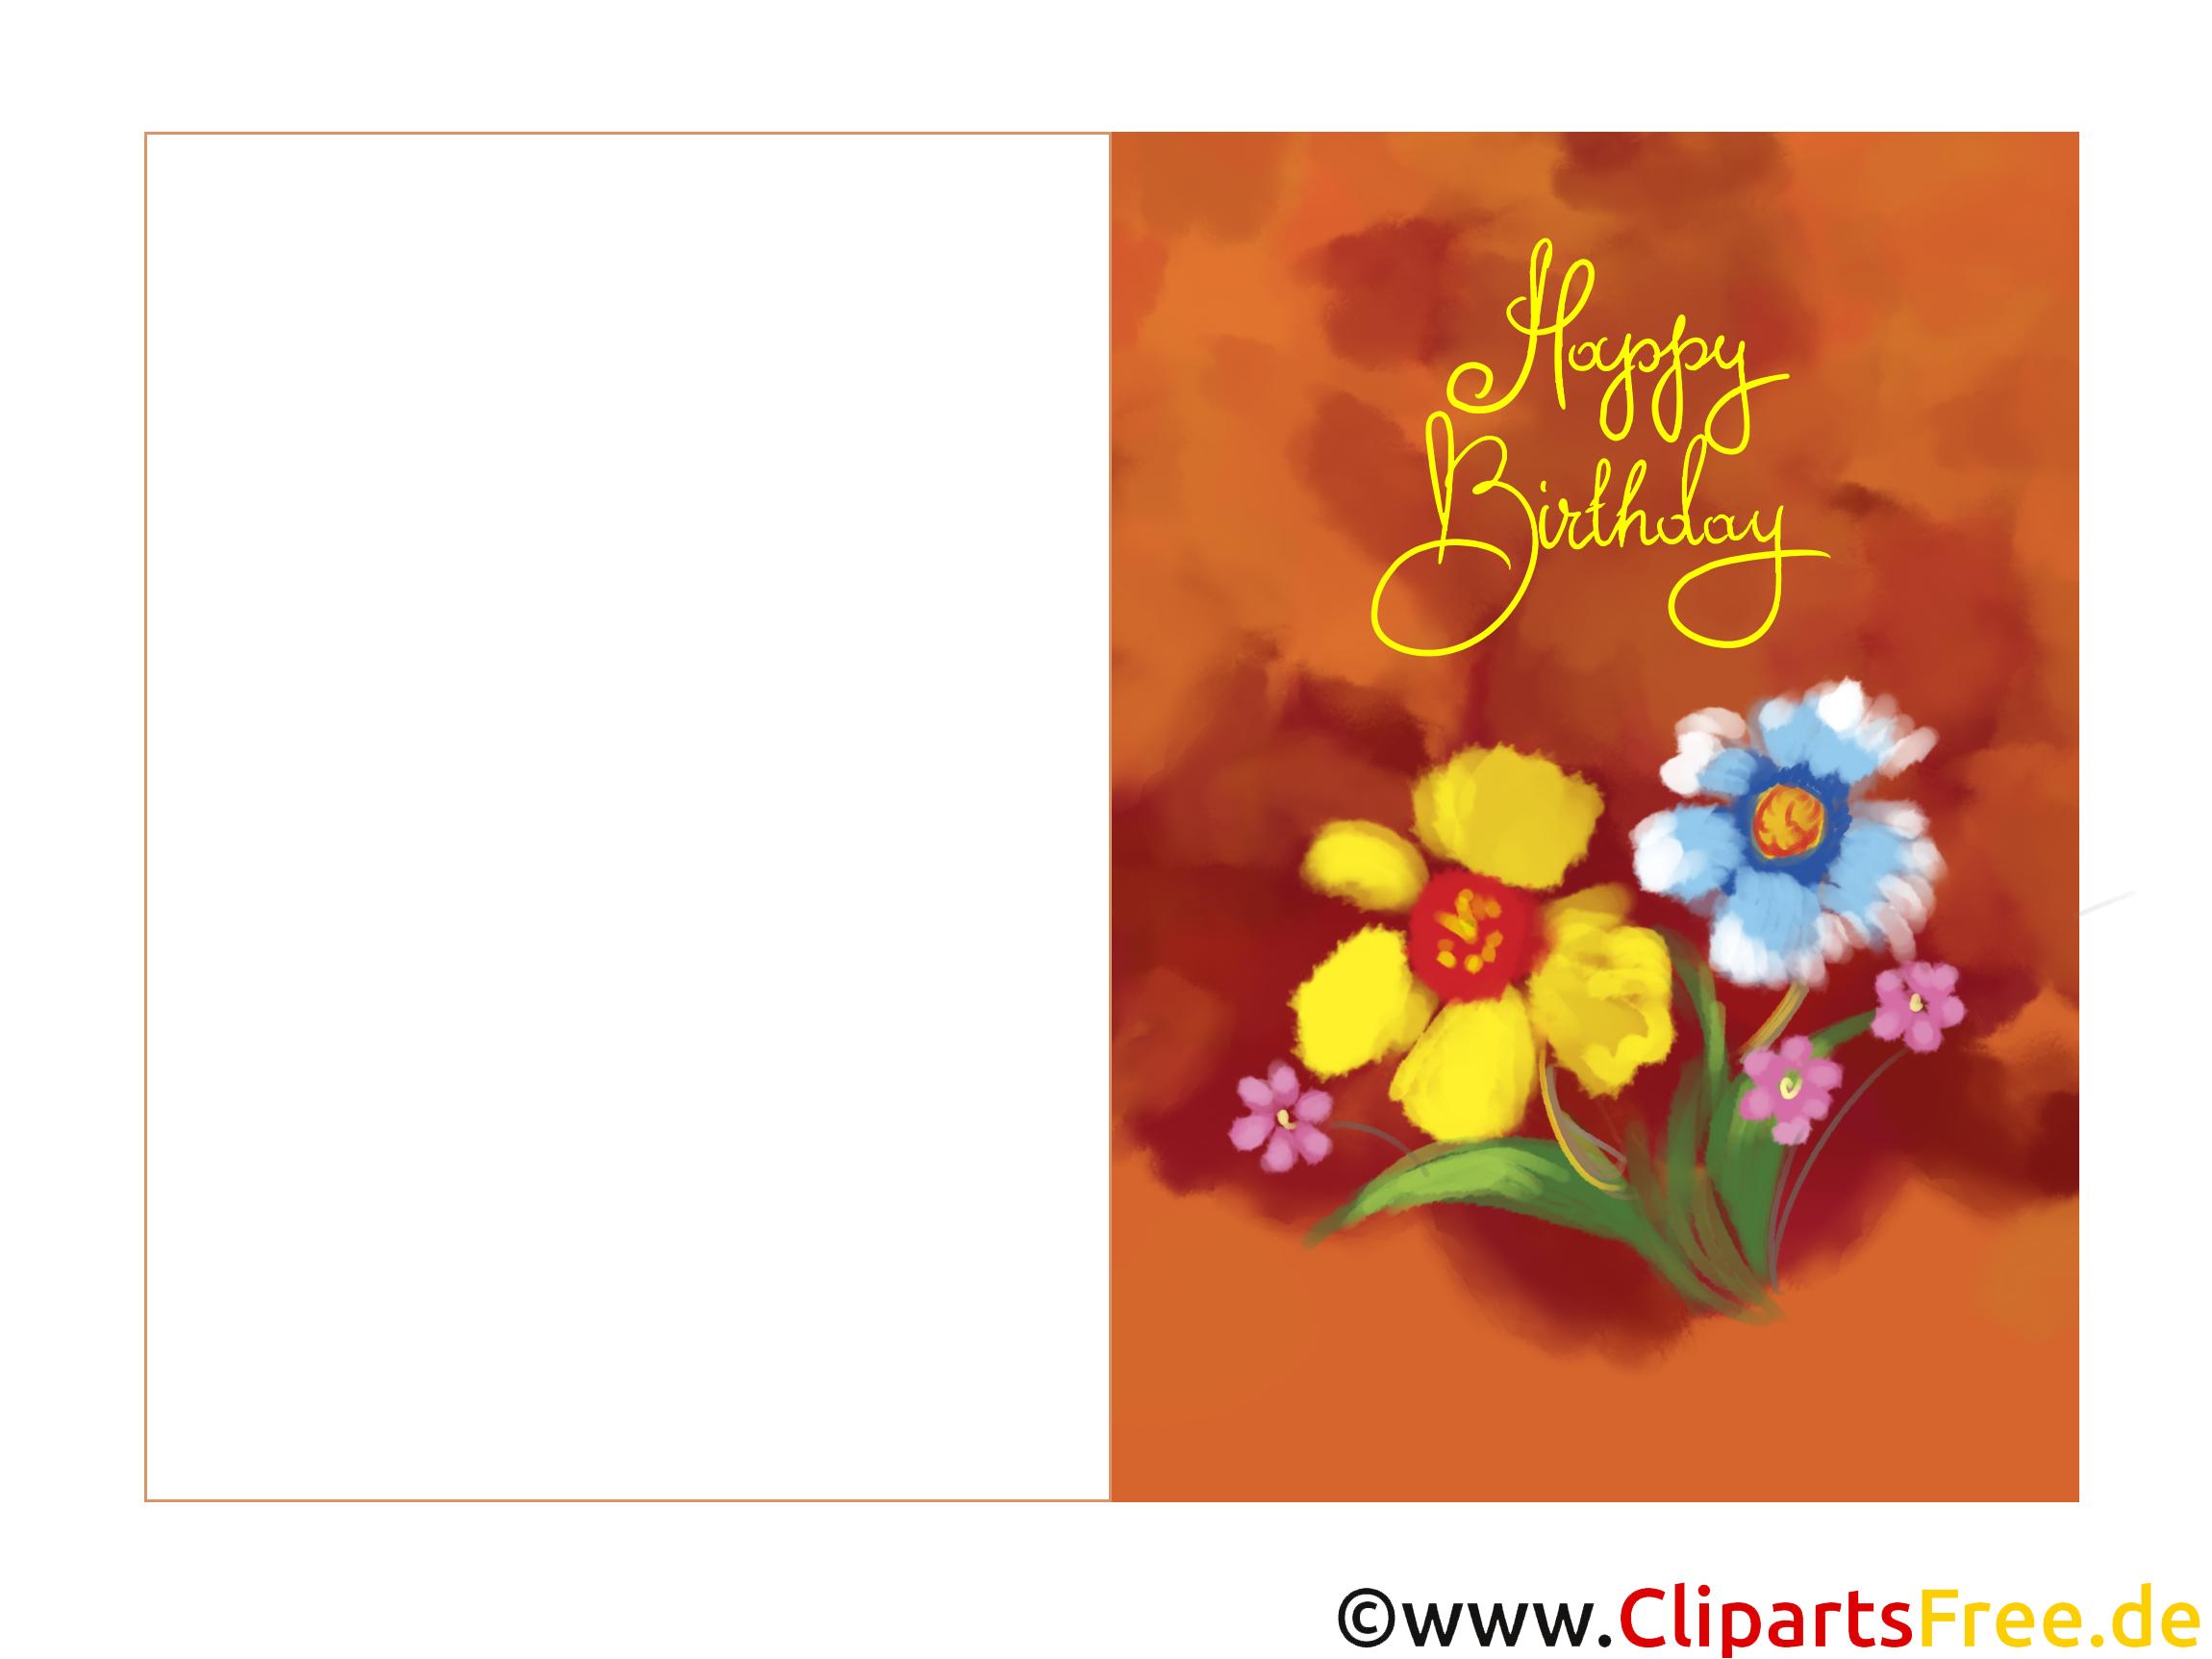 Elektronische Geburtstagskarte Kostenlos Zum Runterladen Und verwandt mit Geburtstagskarten Kostenlos Drucken